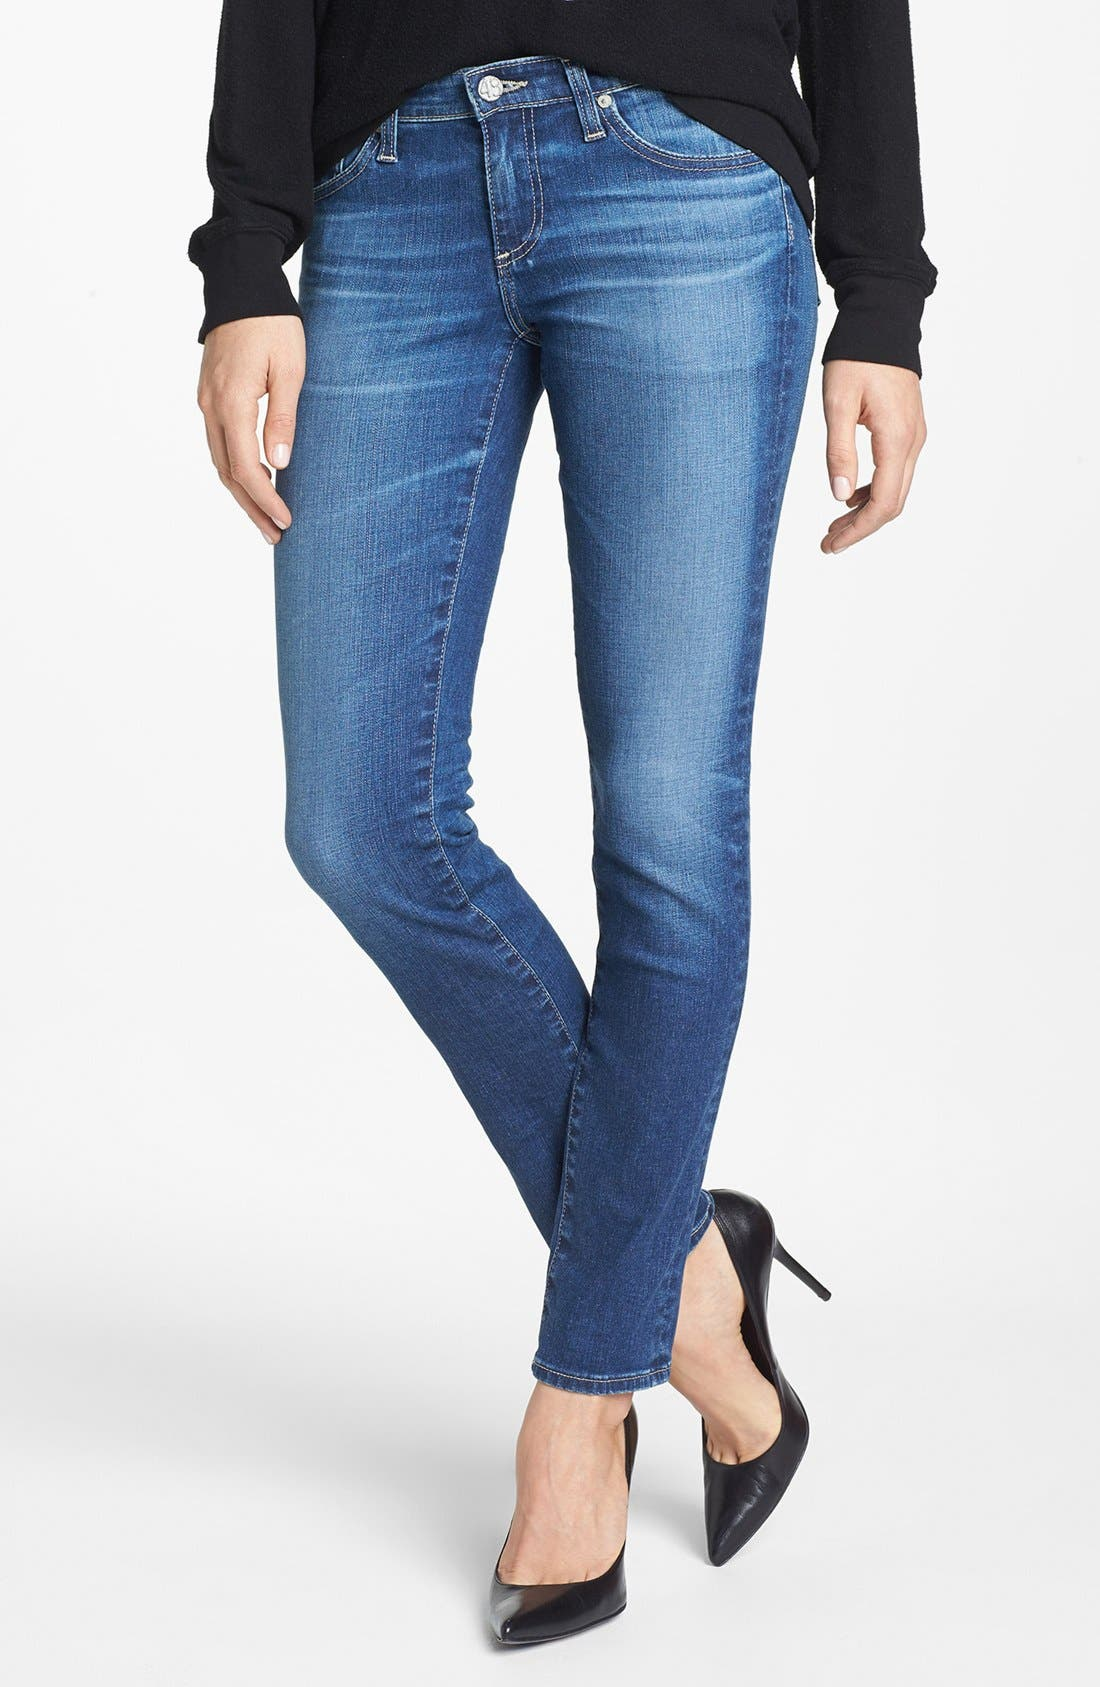 Main Image - AG 'The Stilt' Cigarette Leg Jeans (Eleven Year Journey)